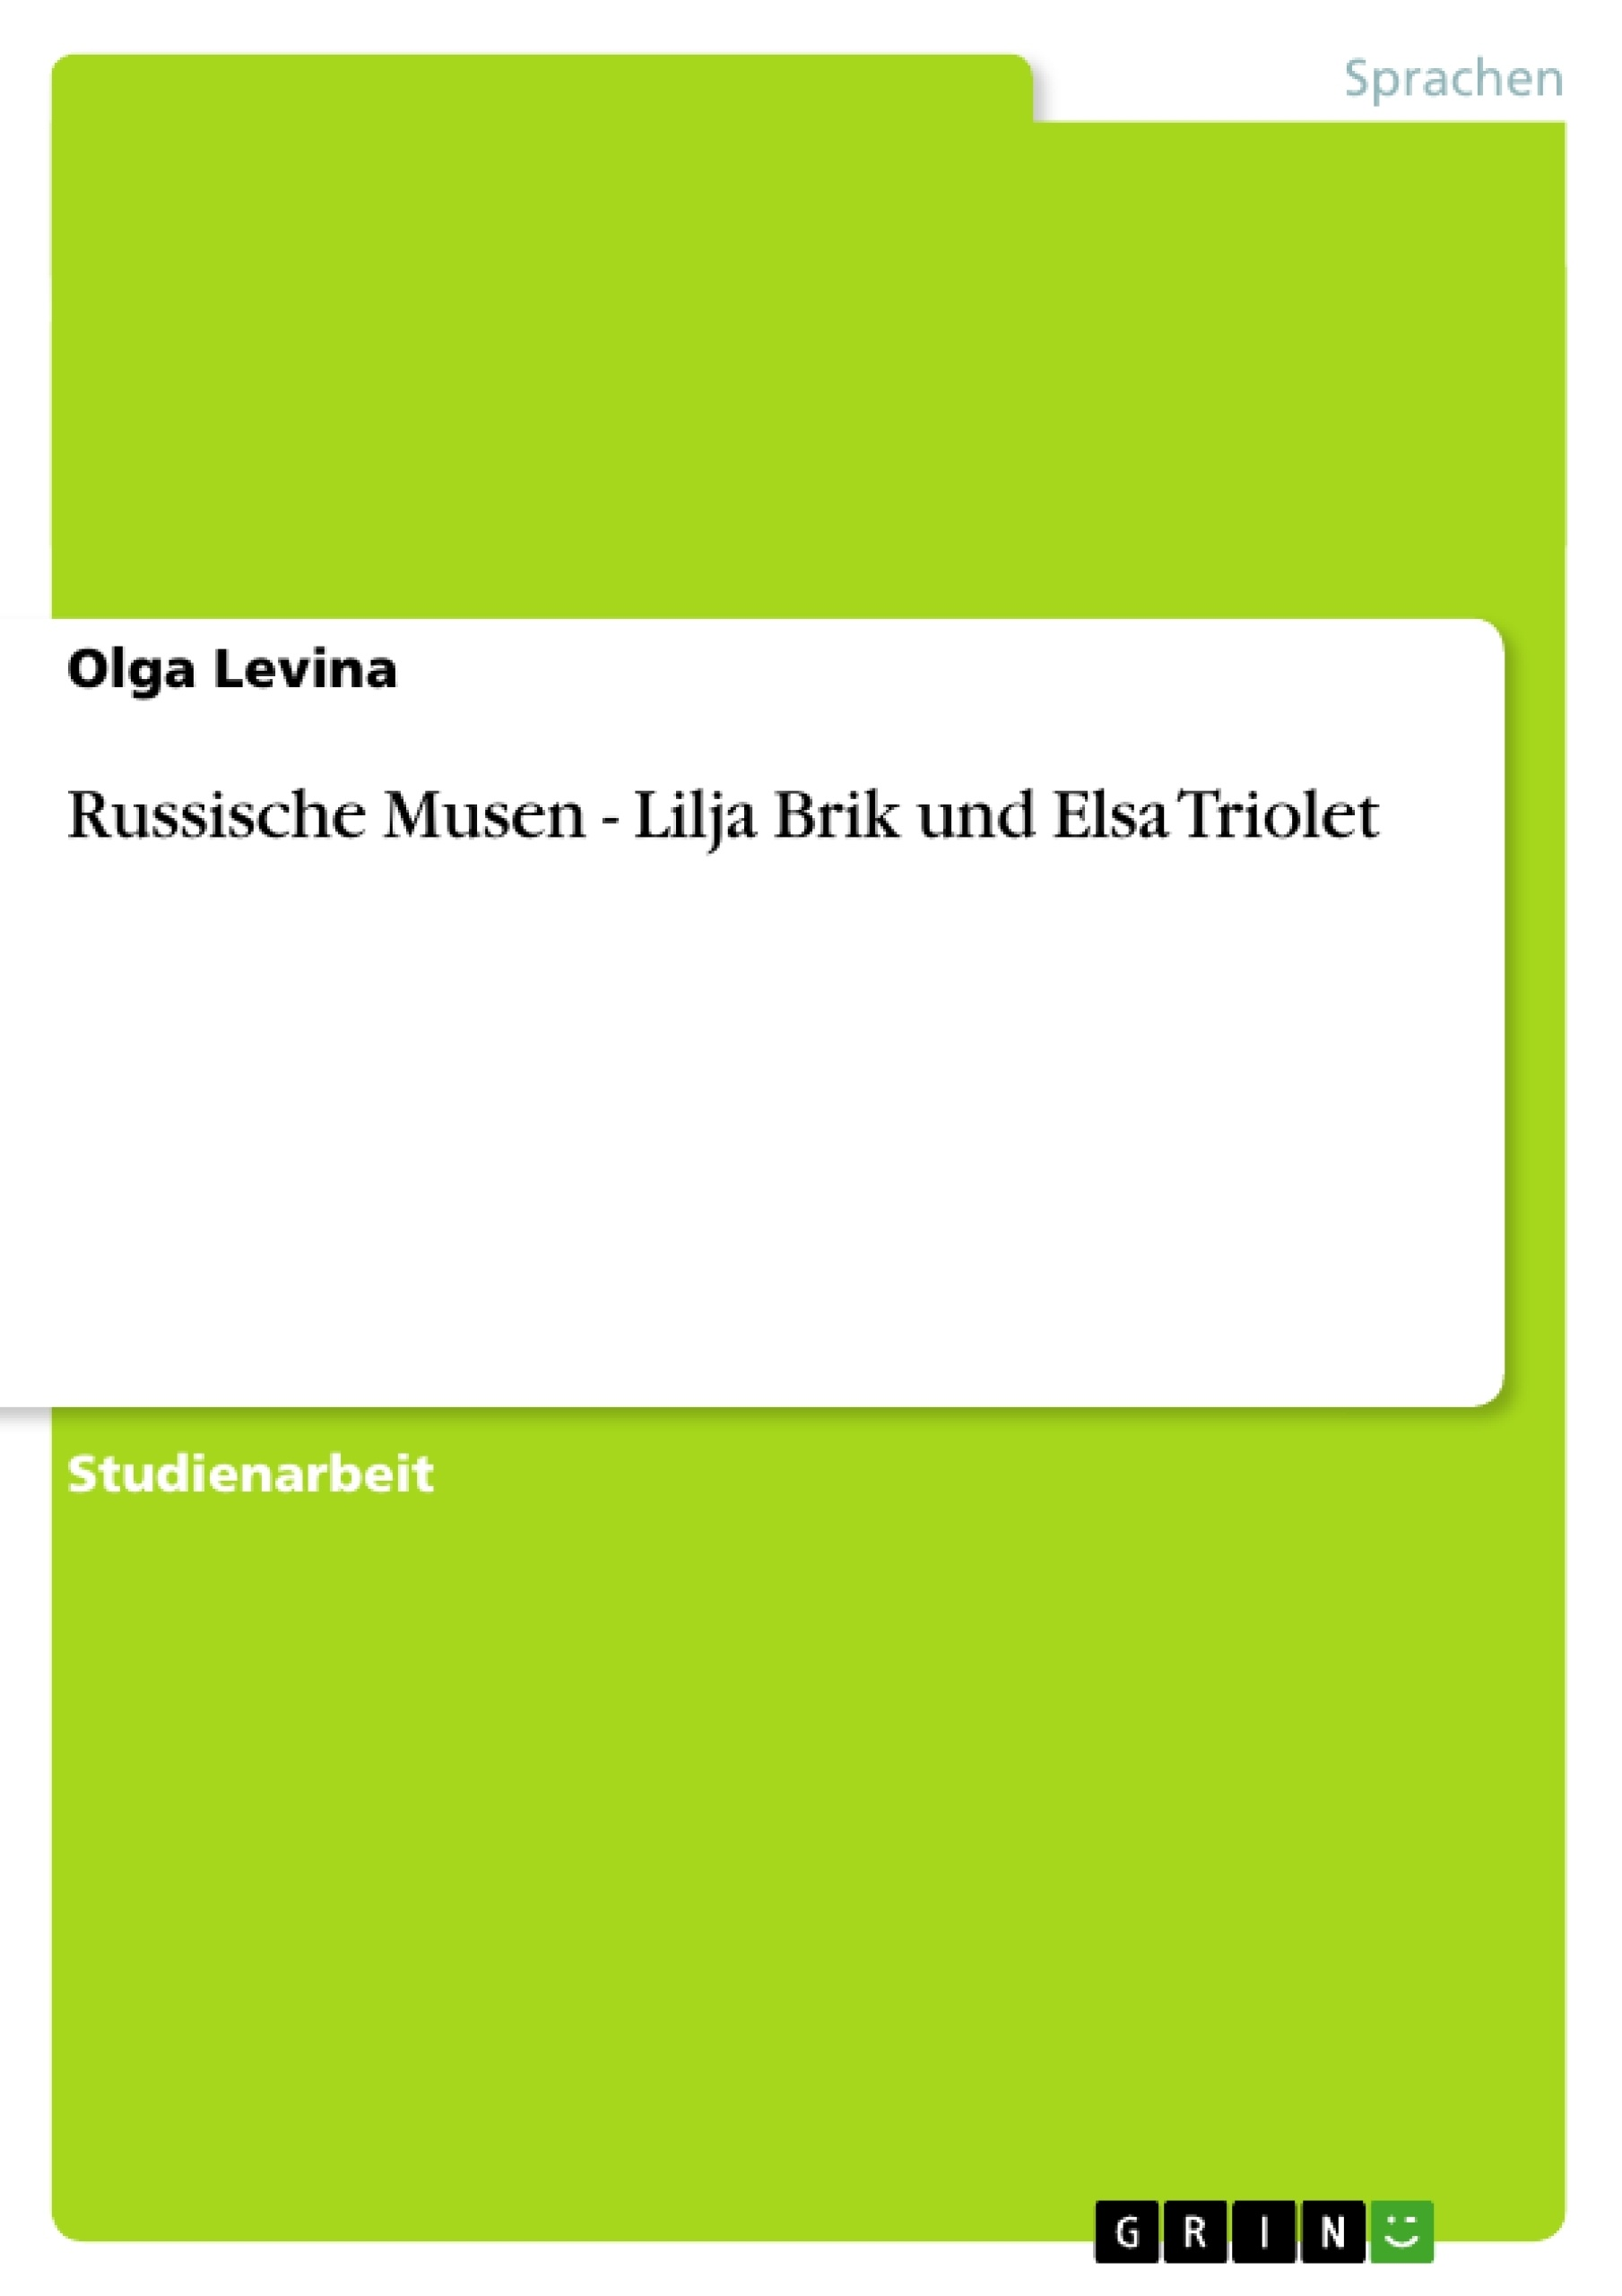 Titel: Russische Musen - Lilja Brik und Elsa Triolet